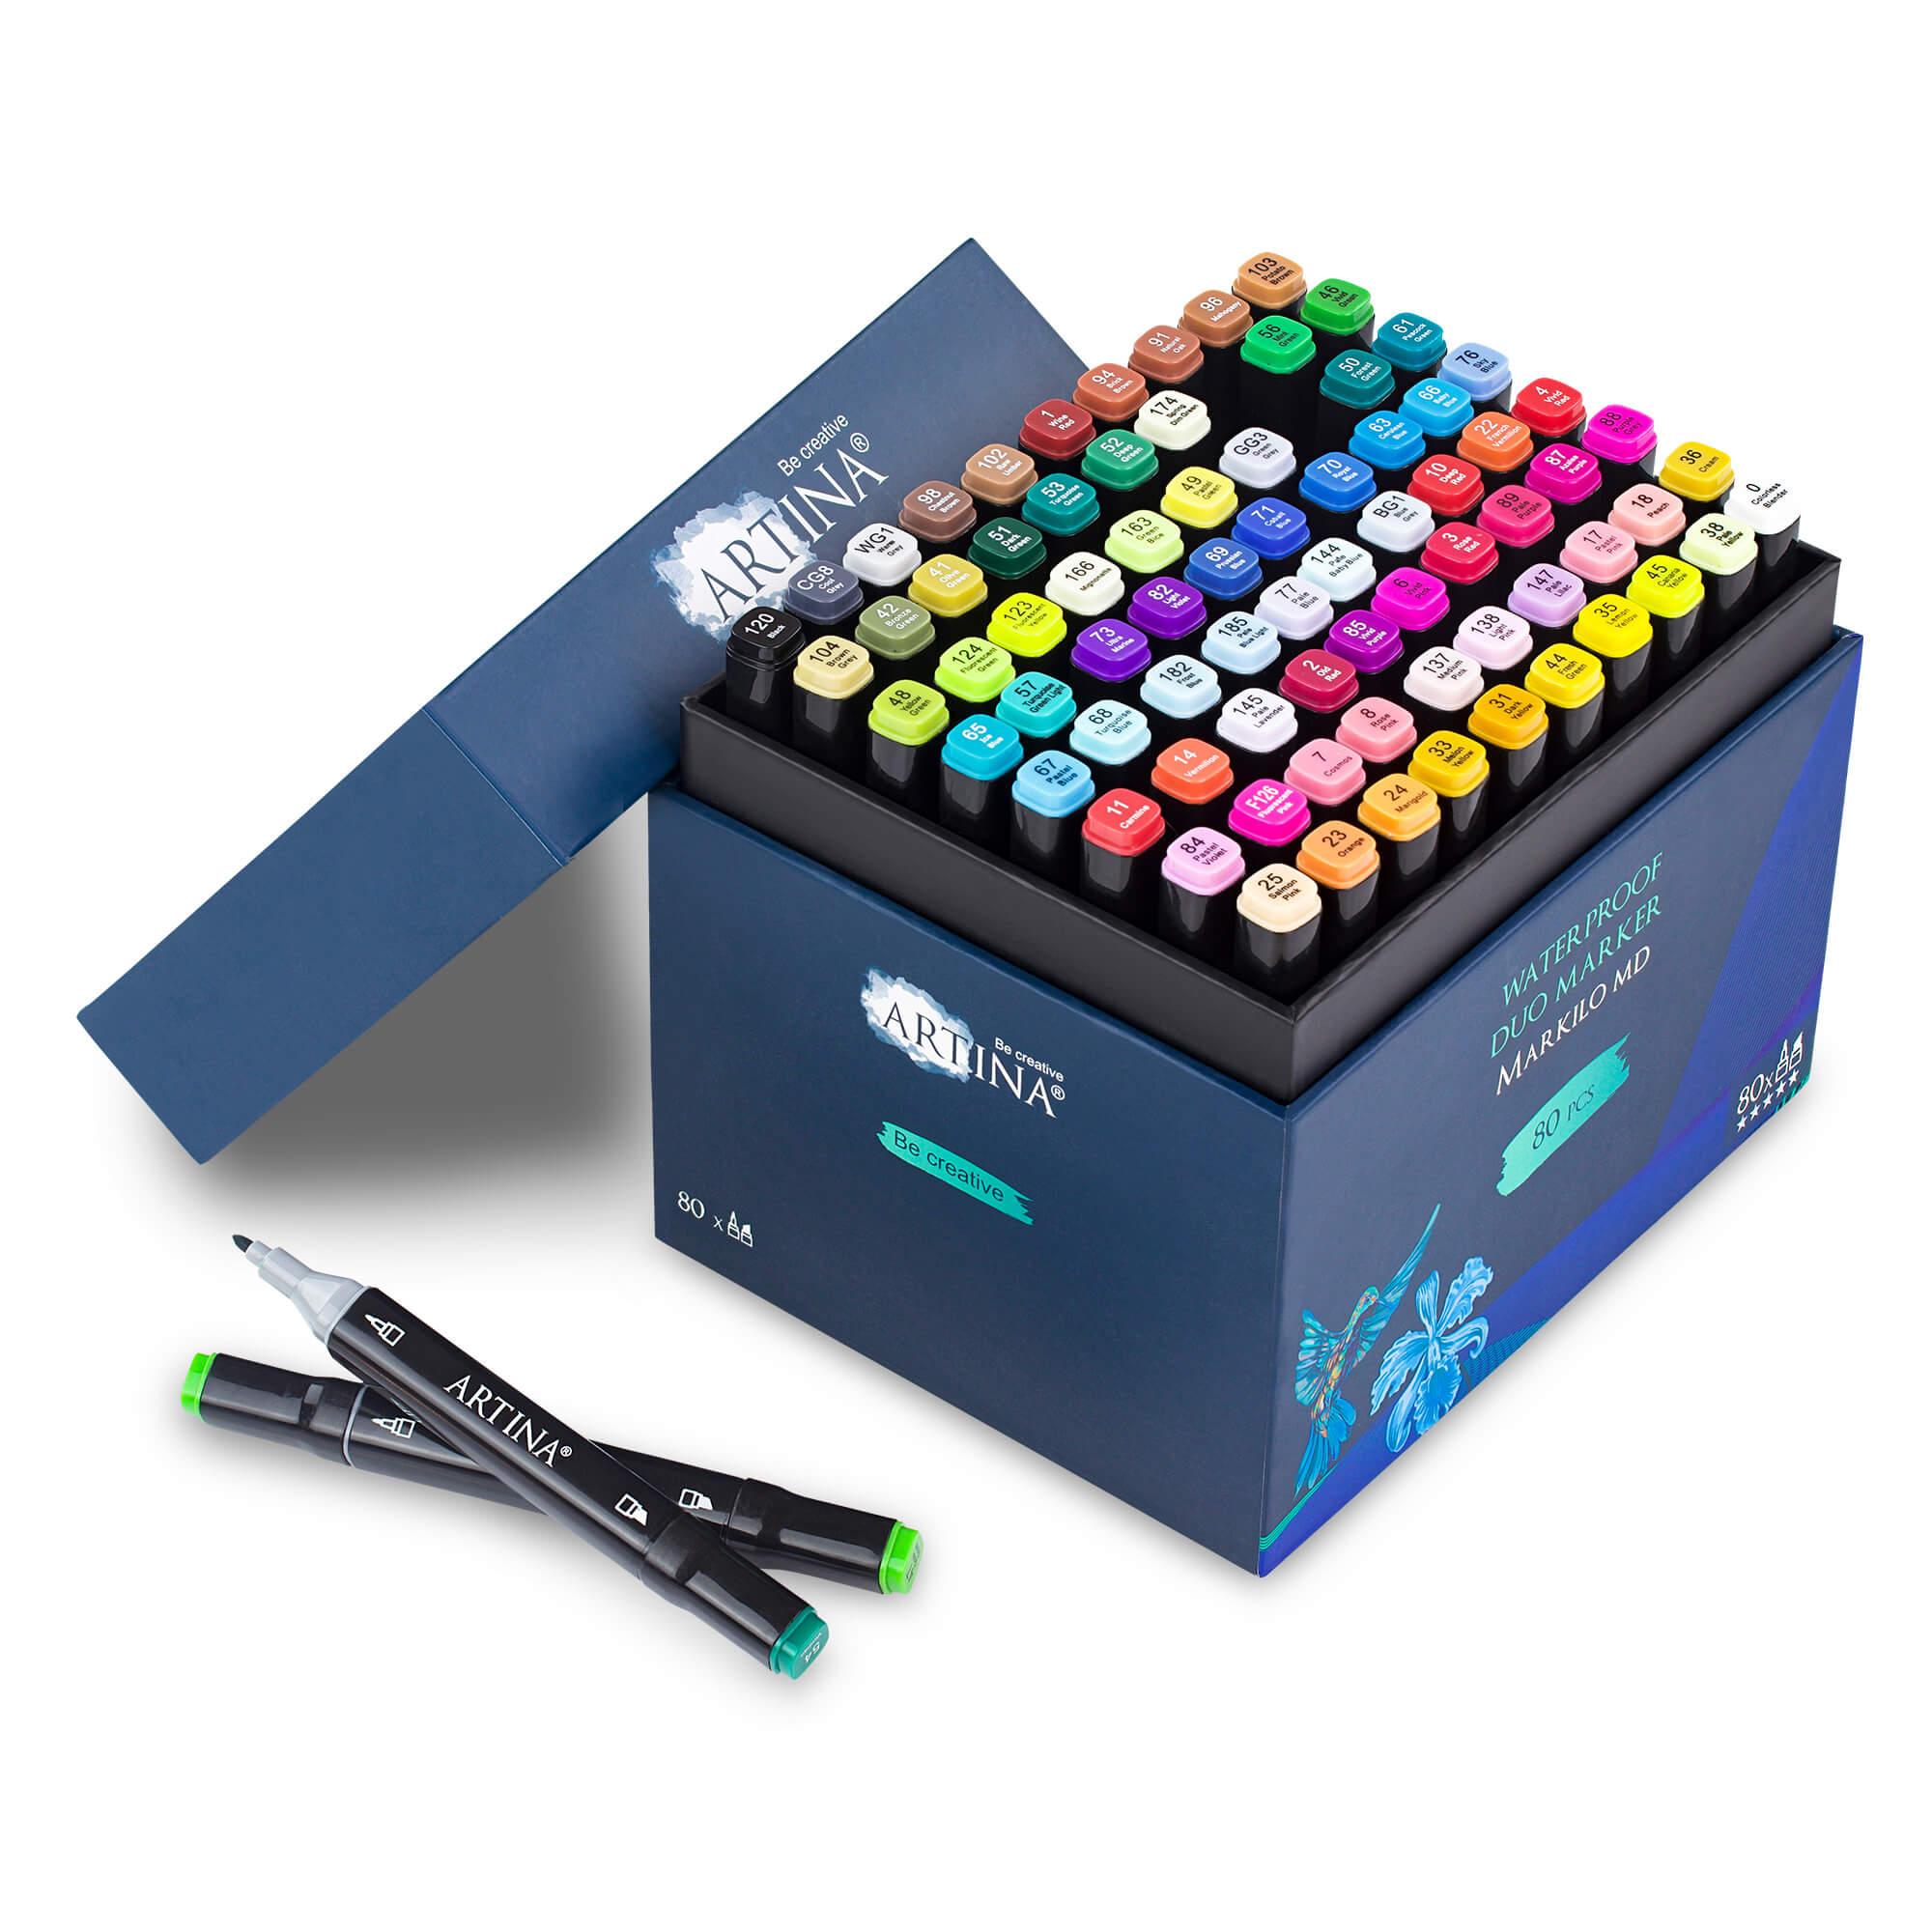 Artina Markilo Md Stifte Set Dual Stifte doppelseitig 3 und 6mm